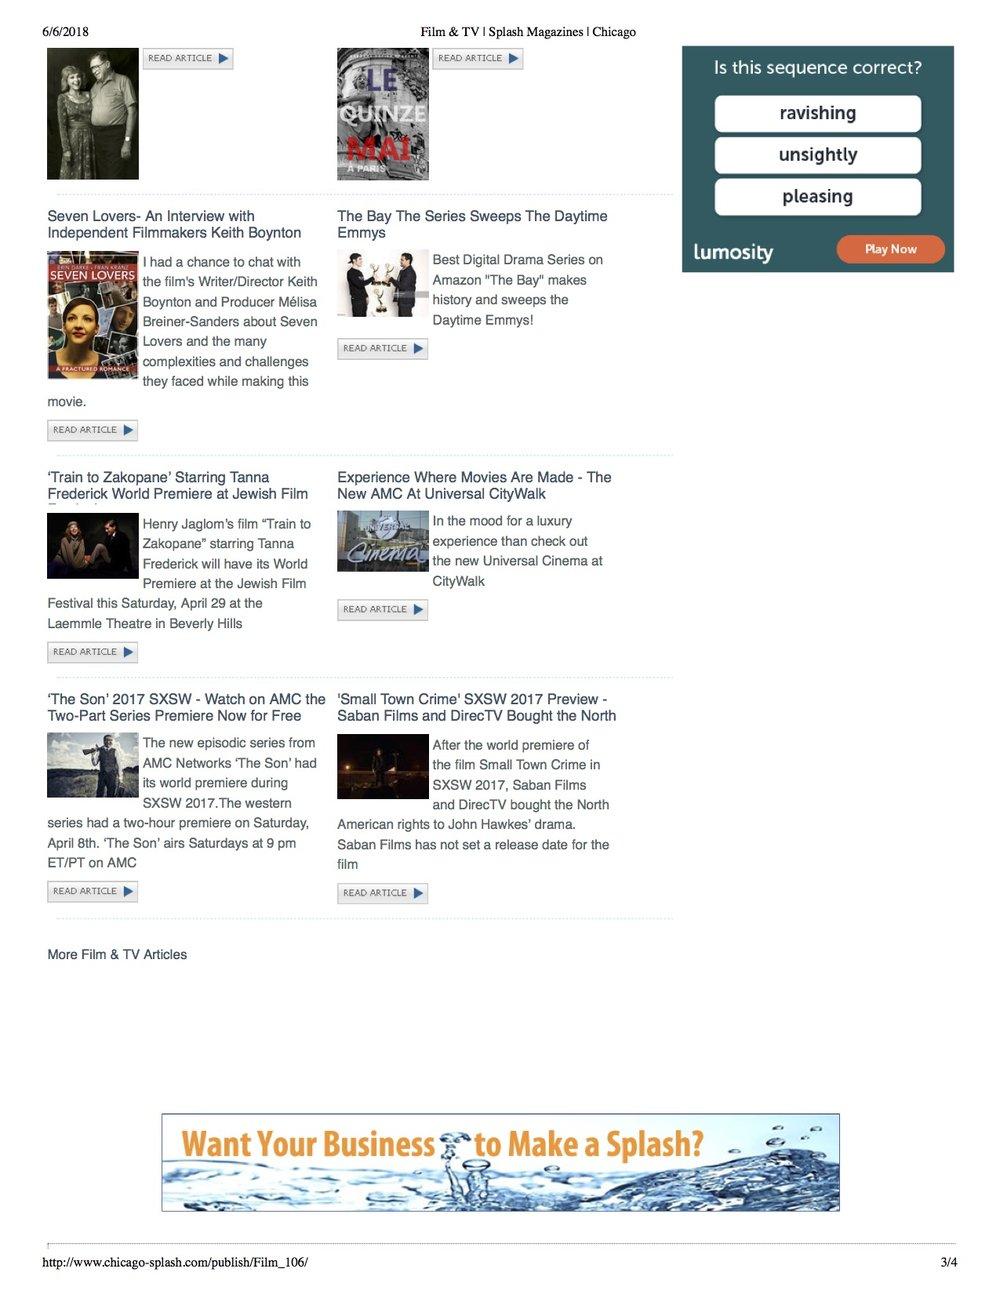 3Film & TV _ Splash Magazines _ Chicago.jpg